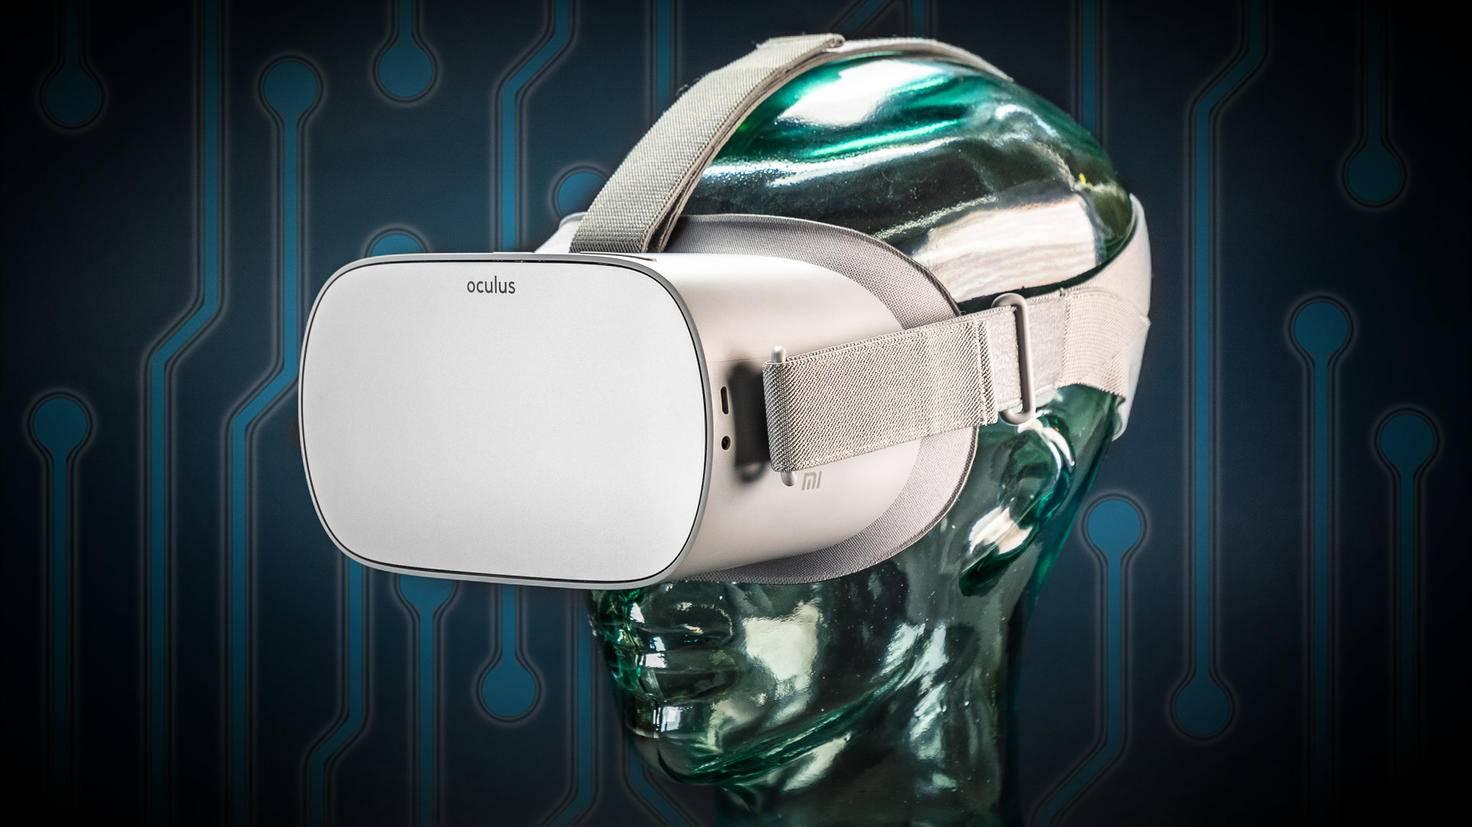 Oculus macht einen großen Schritt hin zu massentauglichen VR-Brillen.